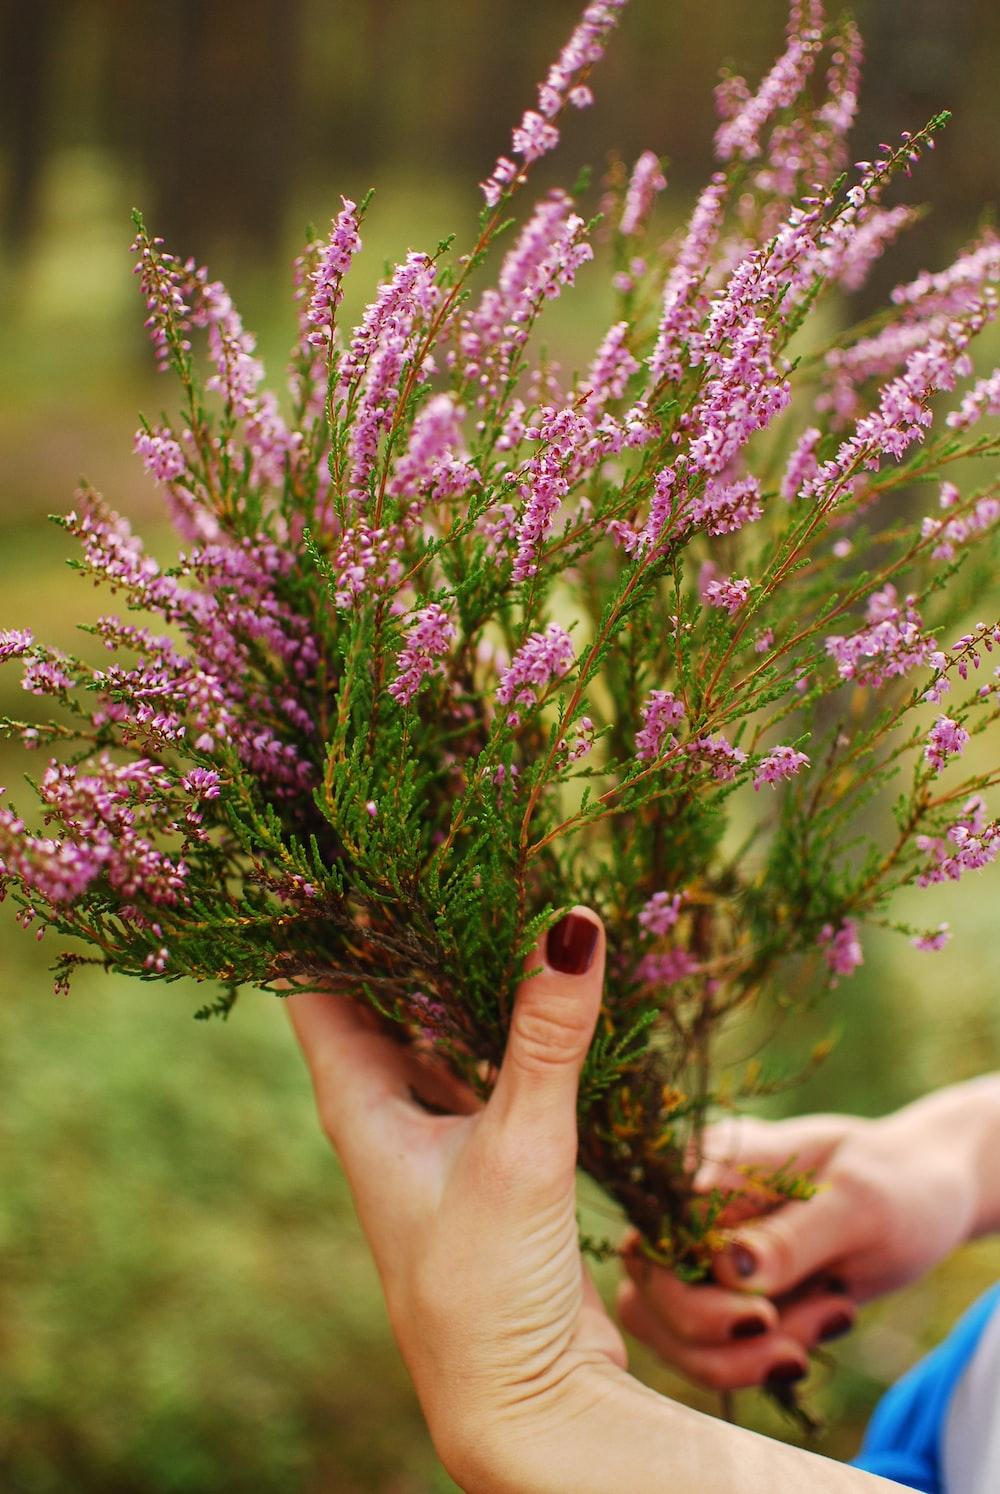 purple-leafed flowers